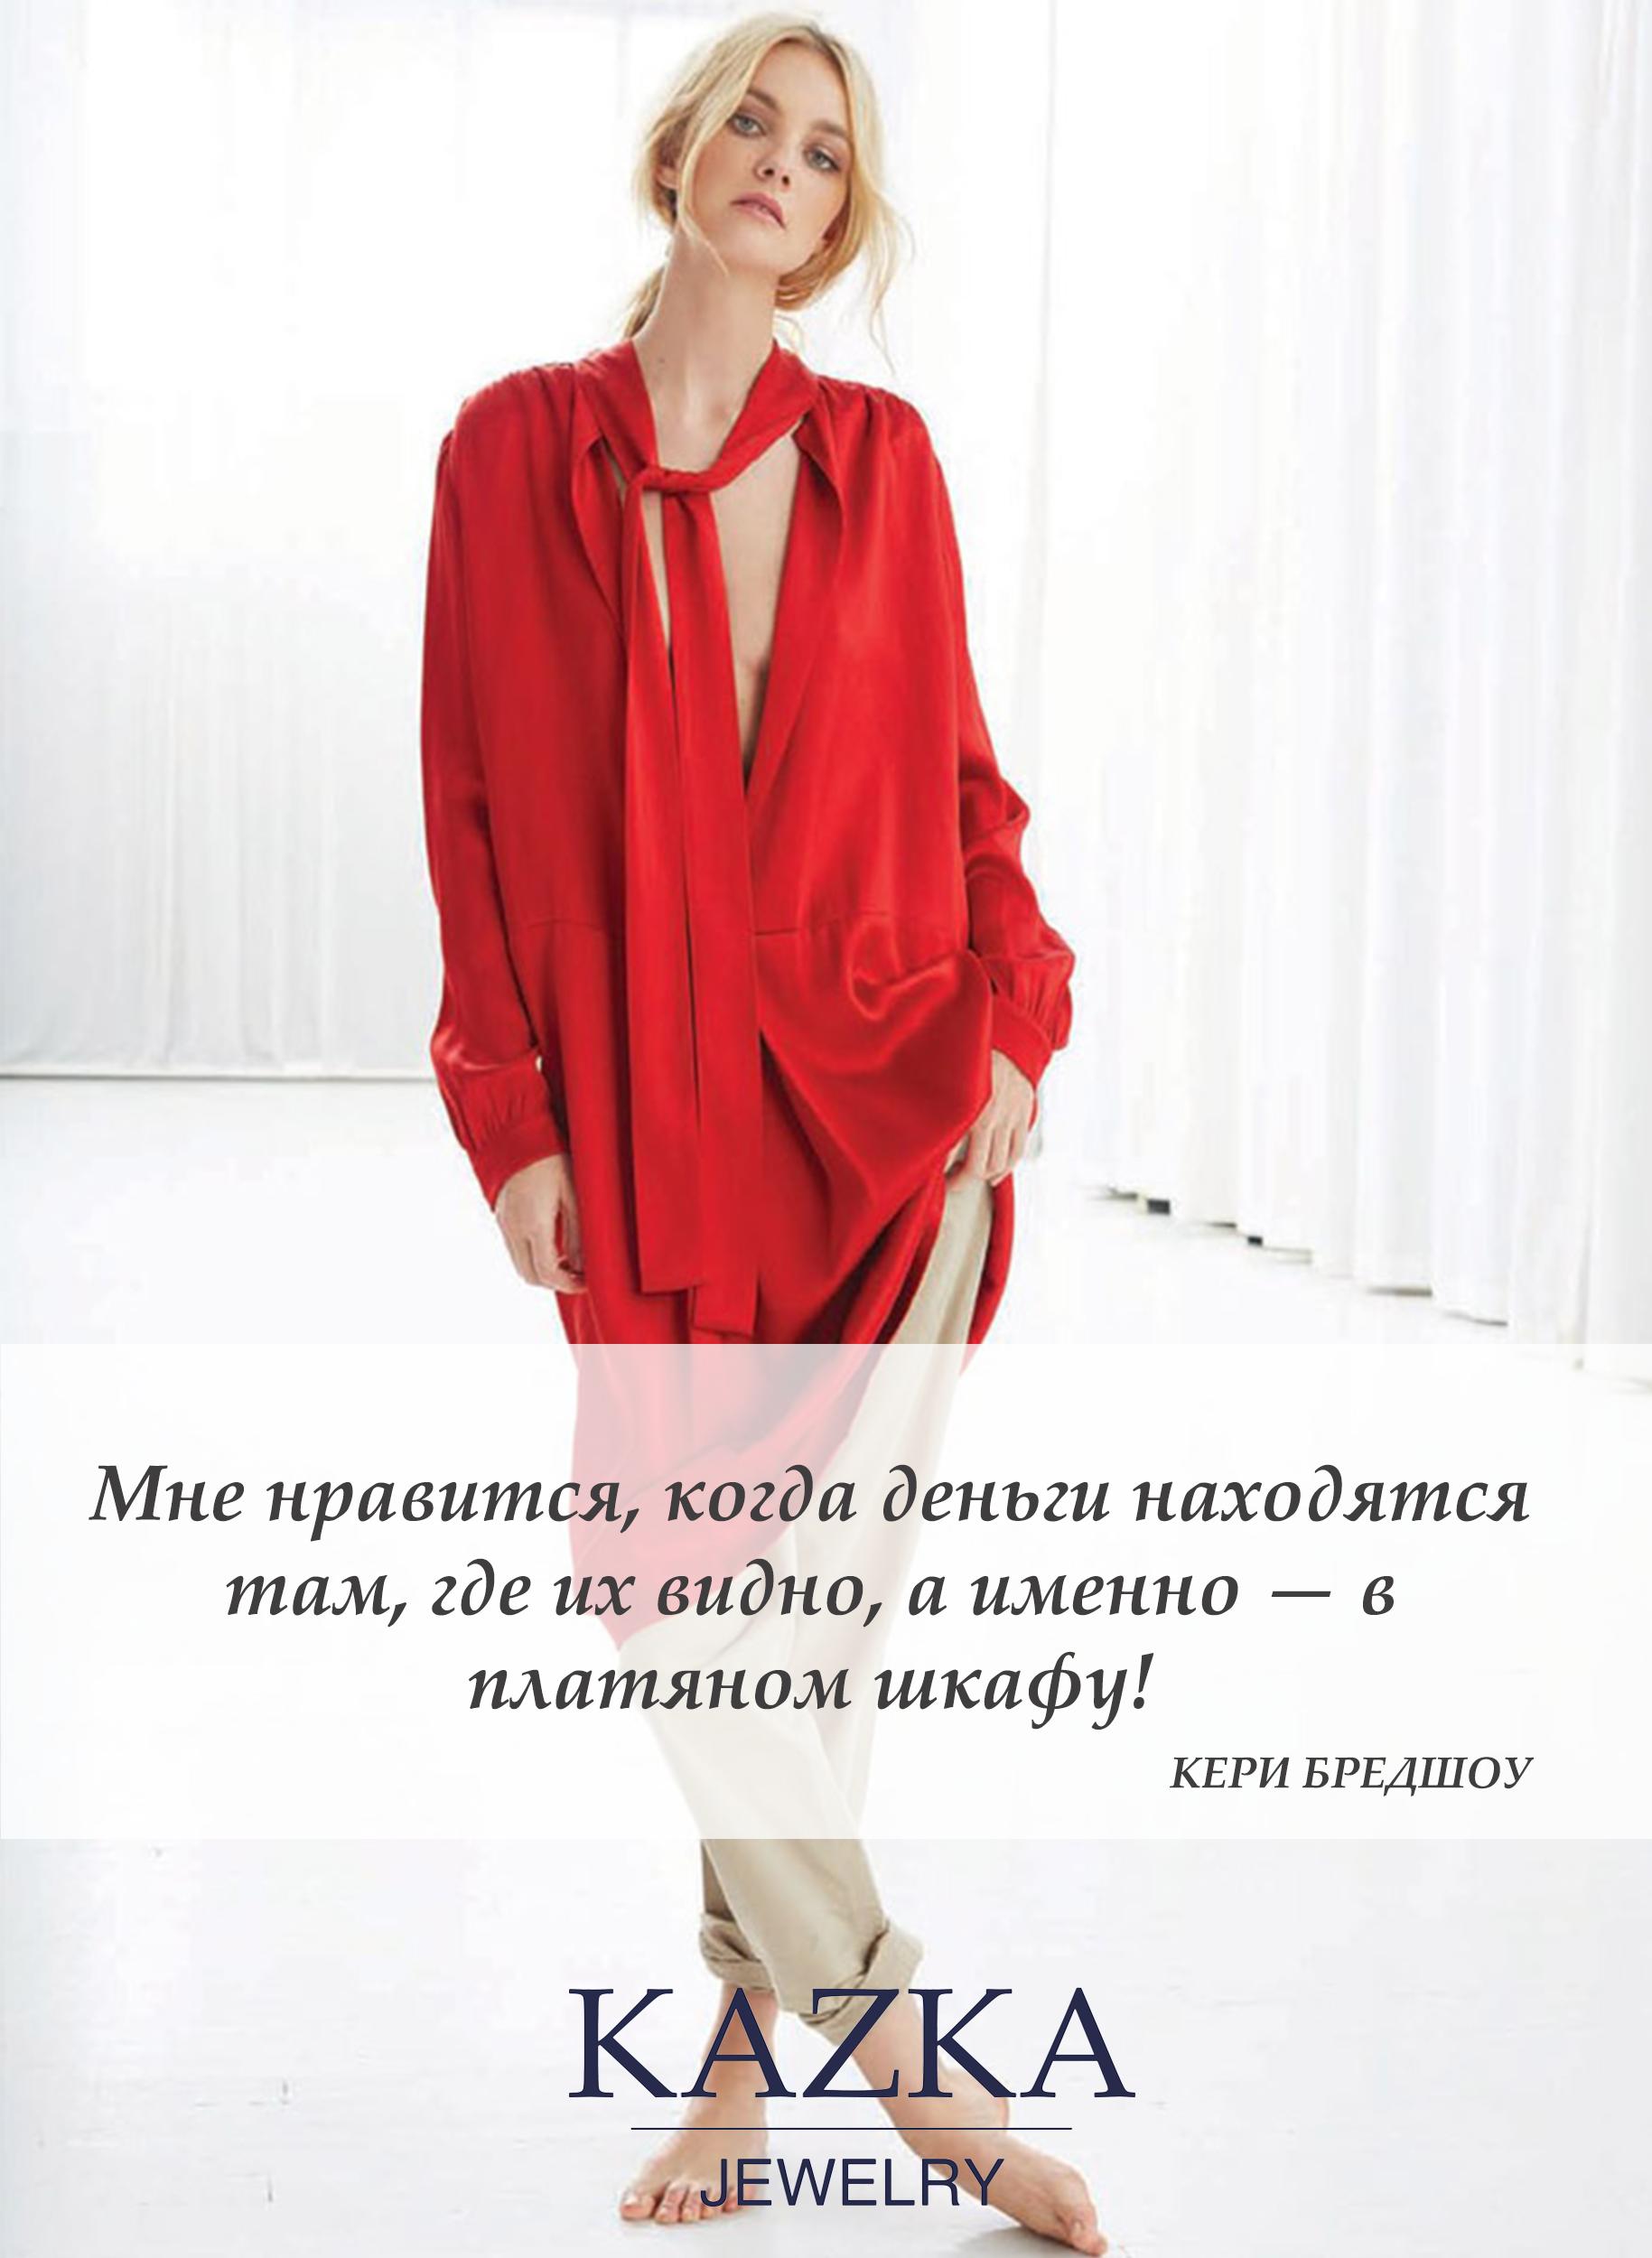 Цитаты о женщине и платье